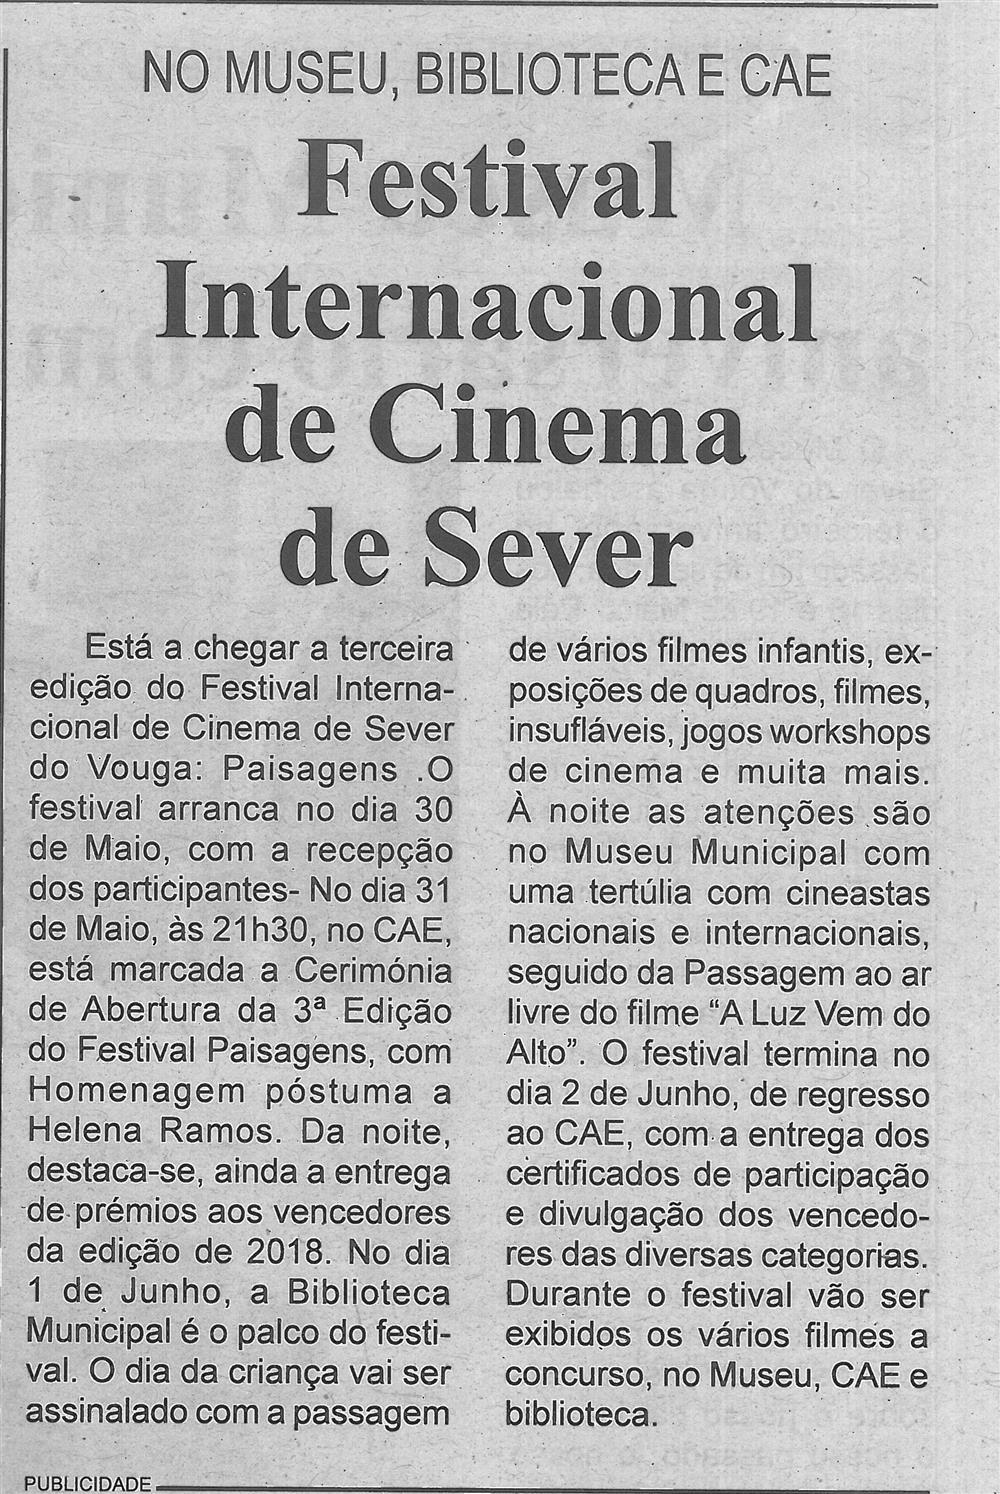 BV-2.ªmaio'19-p.4-Festival Internacional de Cinema de Sever : no Museu, Biblioteca e CAE.jpg